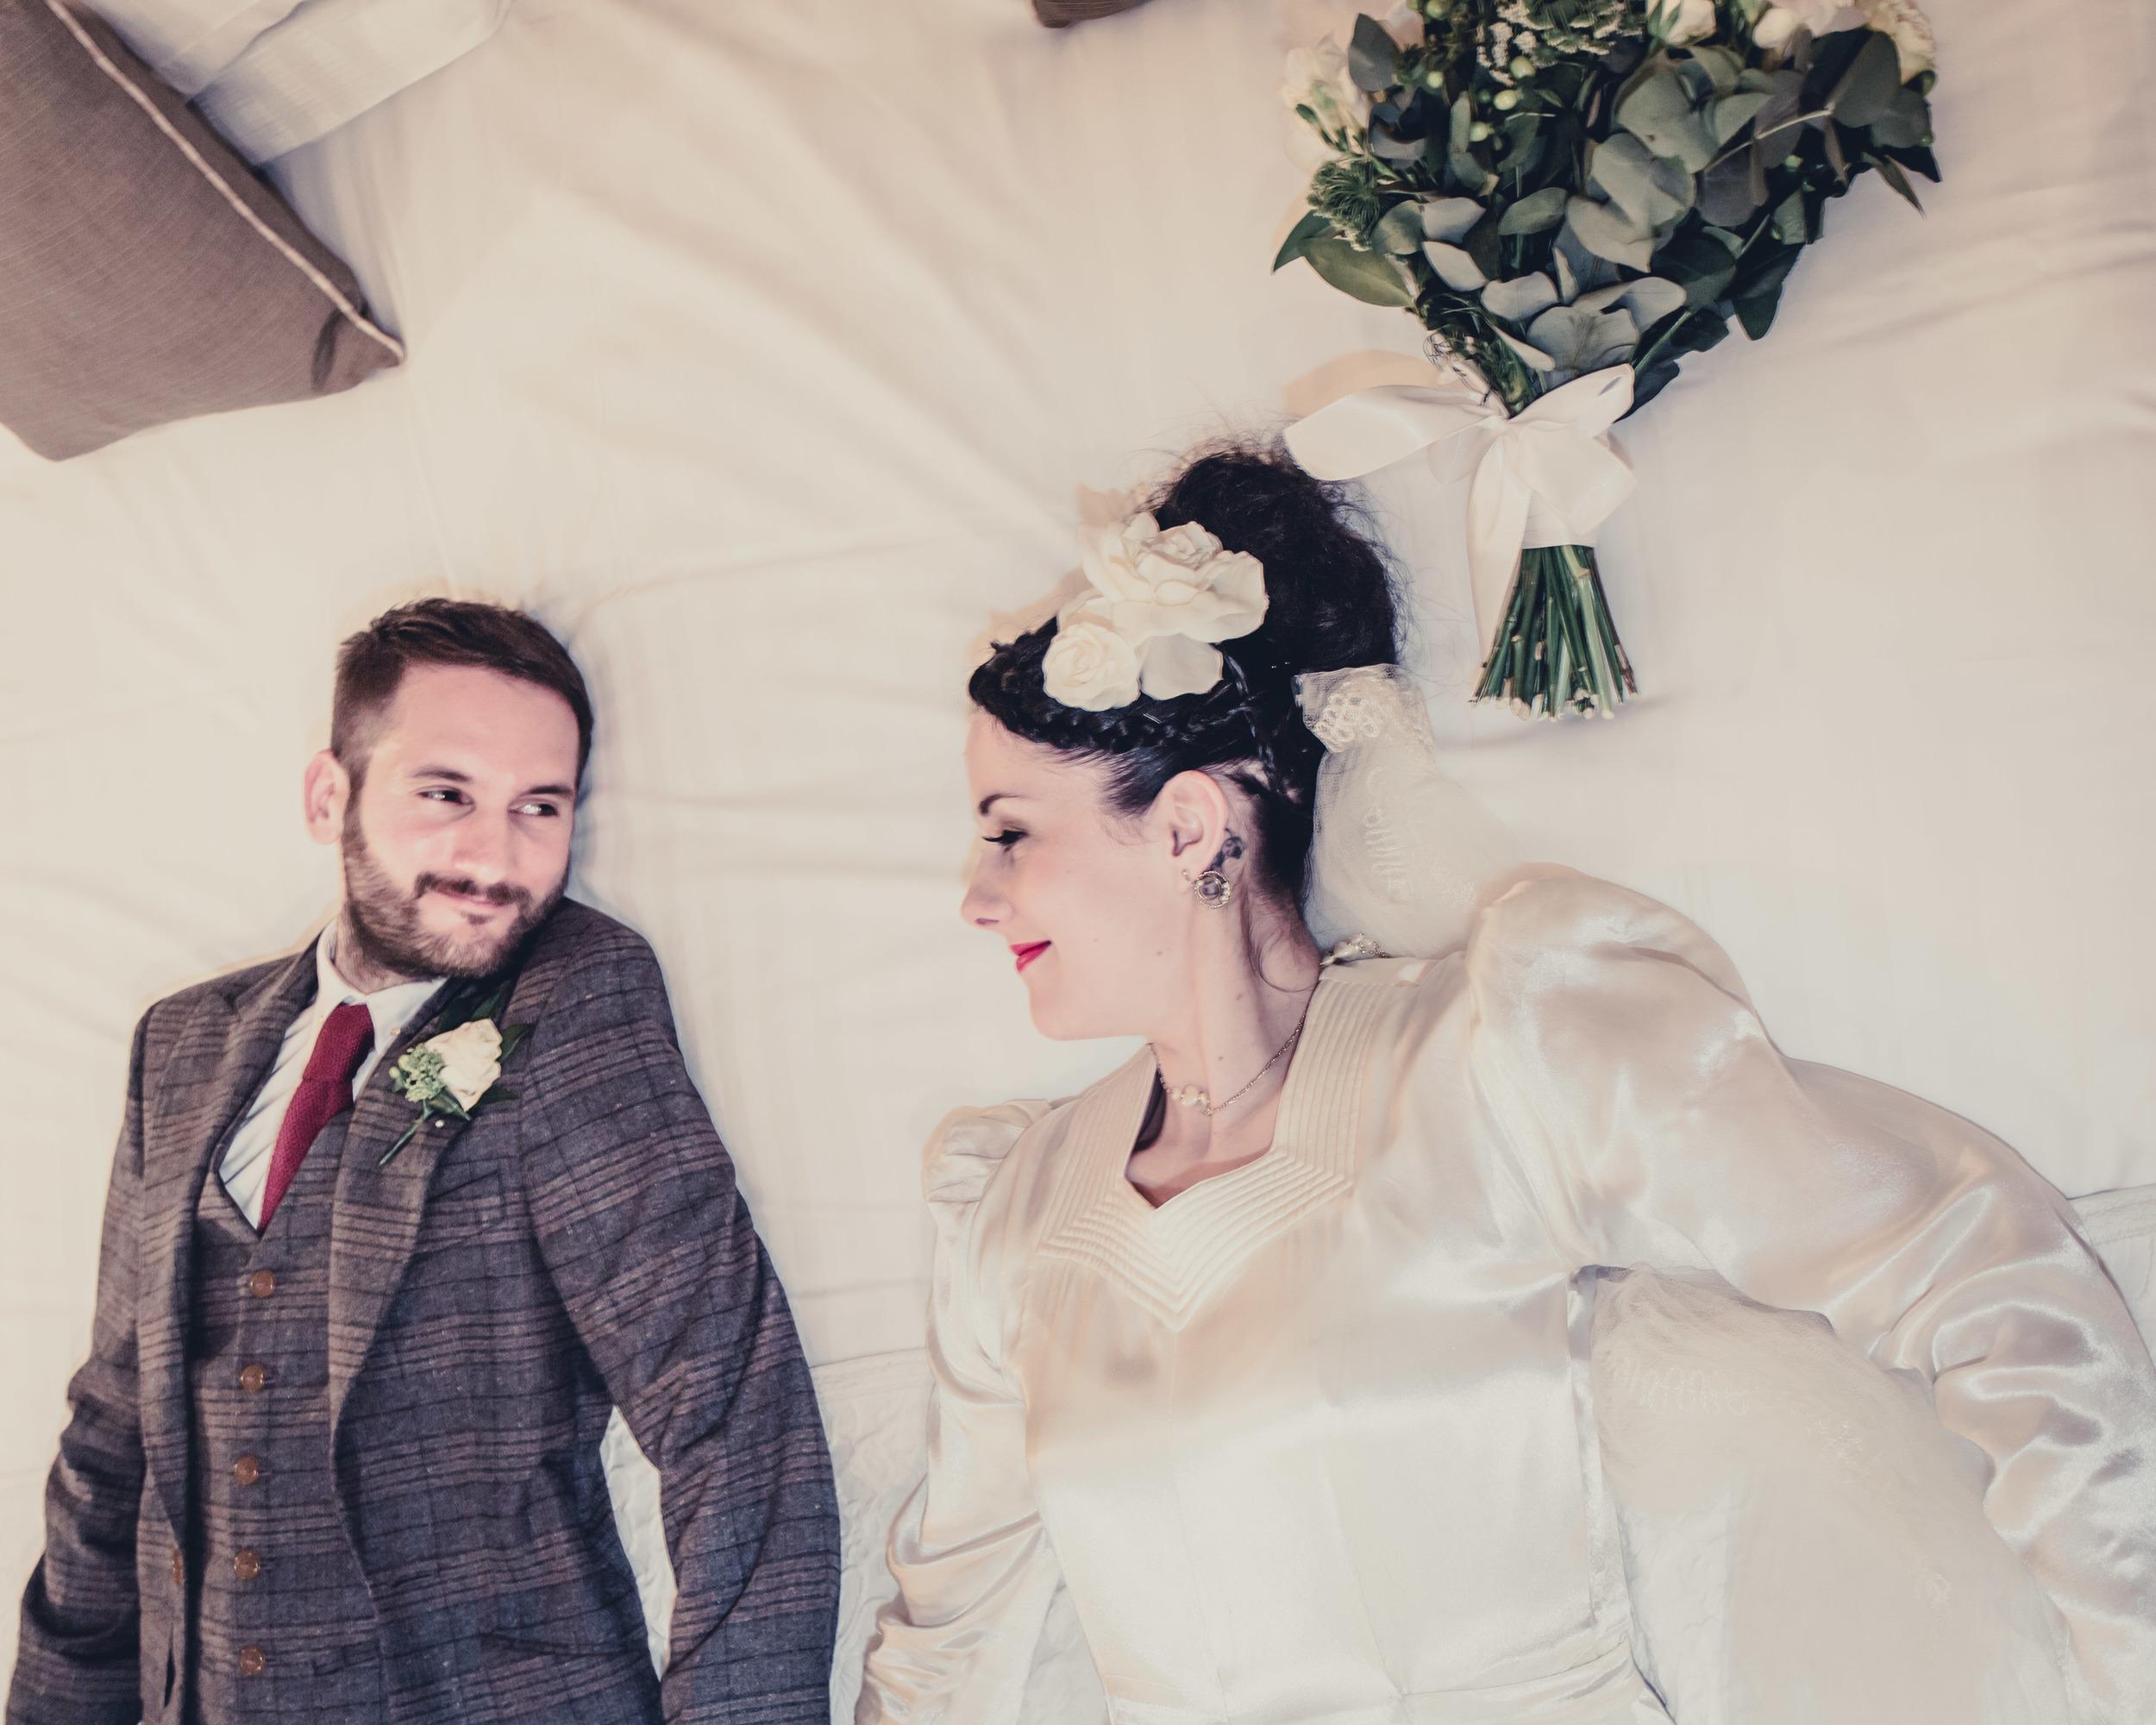 177 - Angela and Karls Wedding by www.markpugh.com -7175.jpg